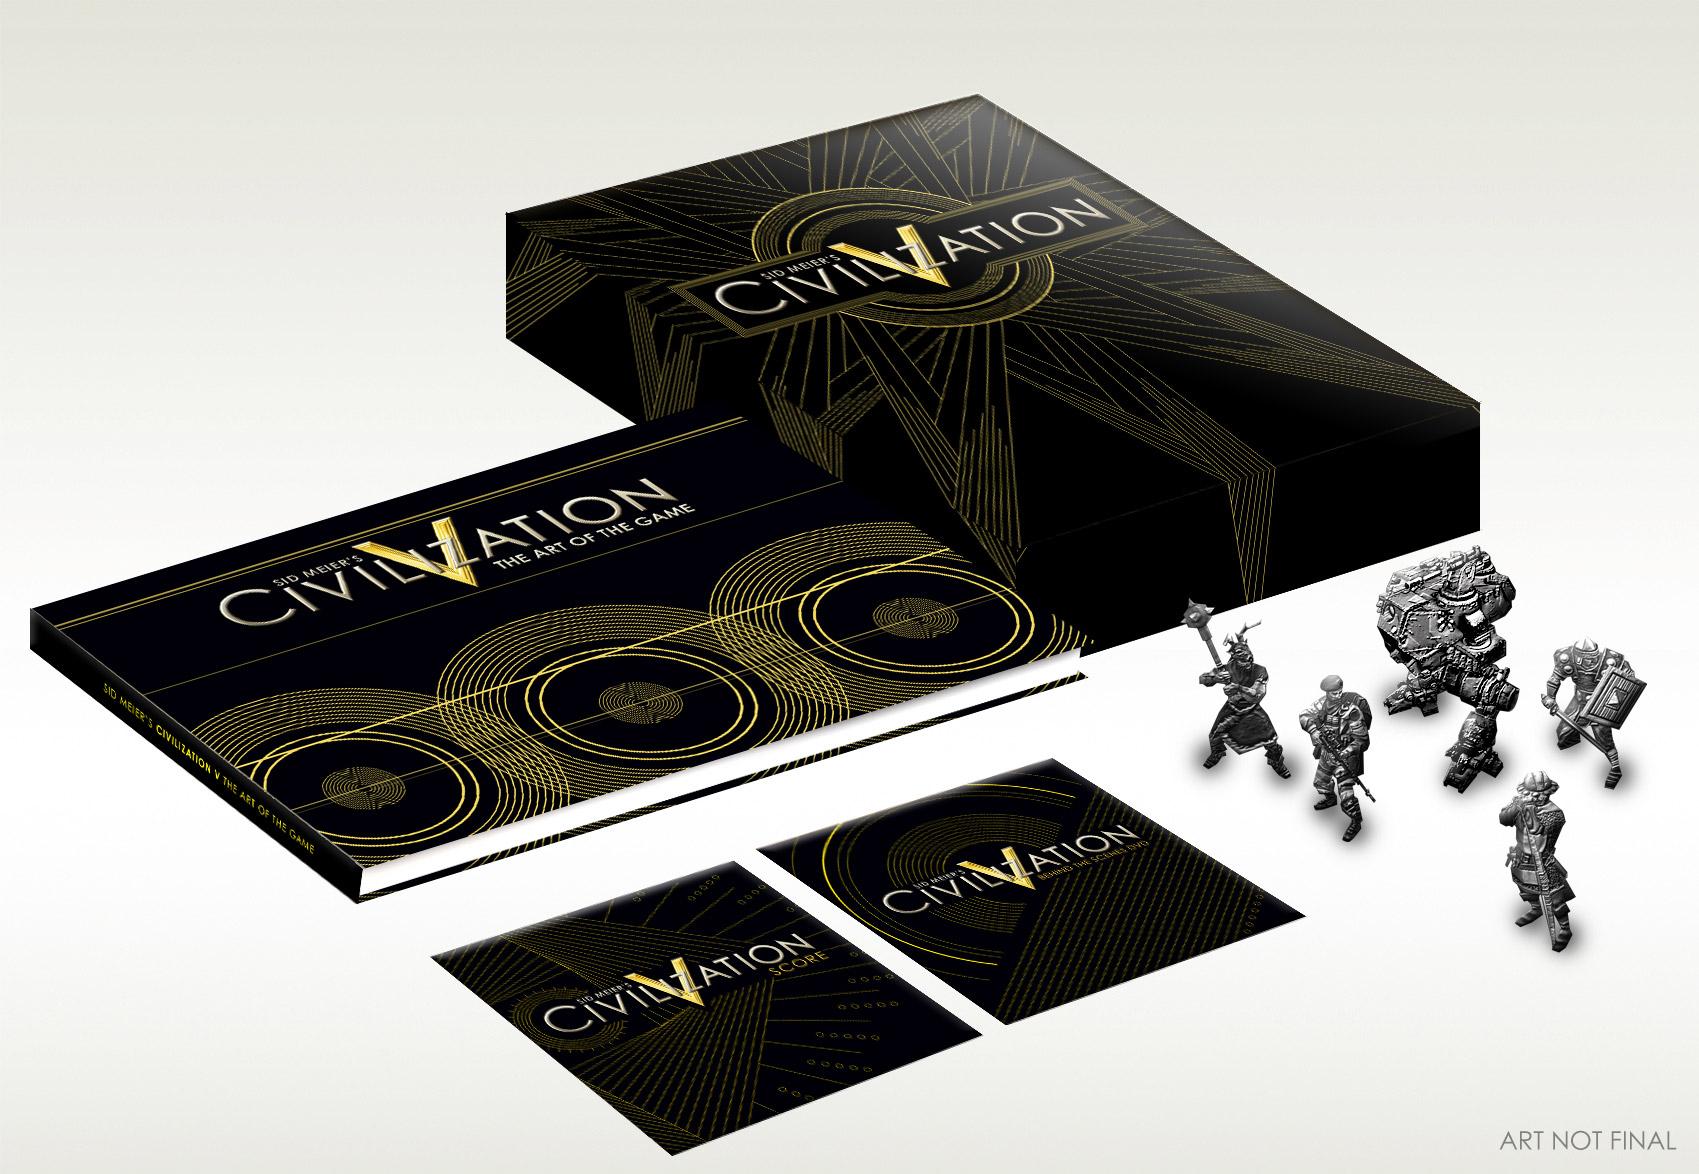 La edición especial de Civilization V [Solo para coleccionistas]